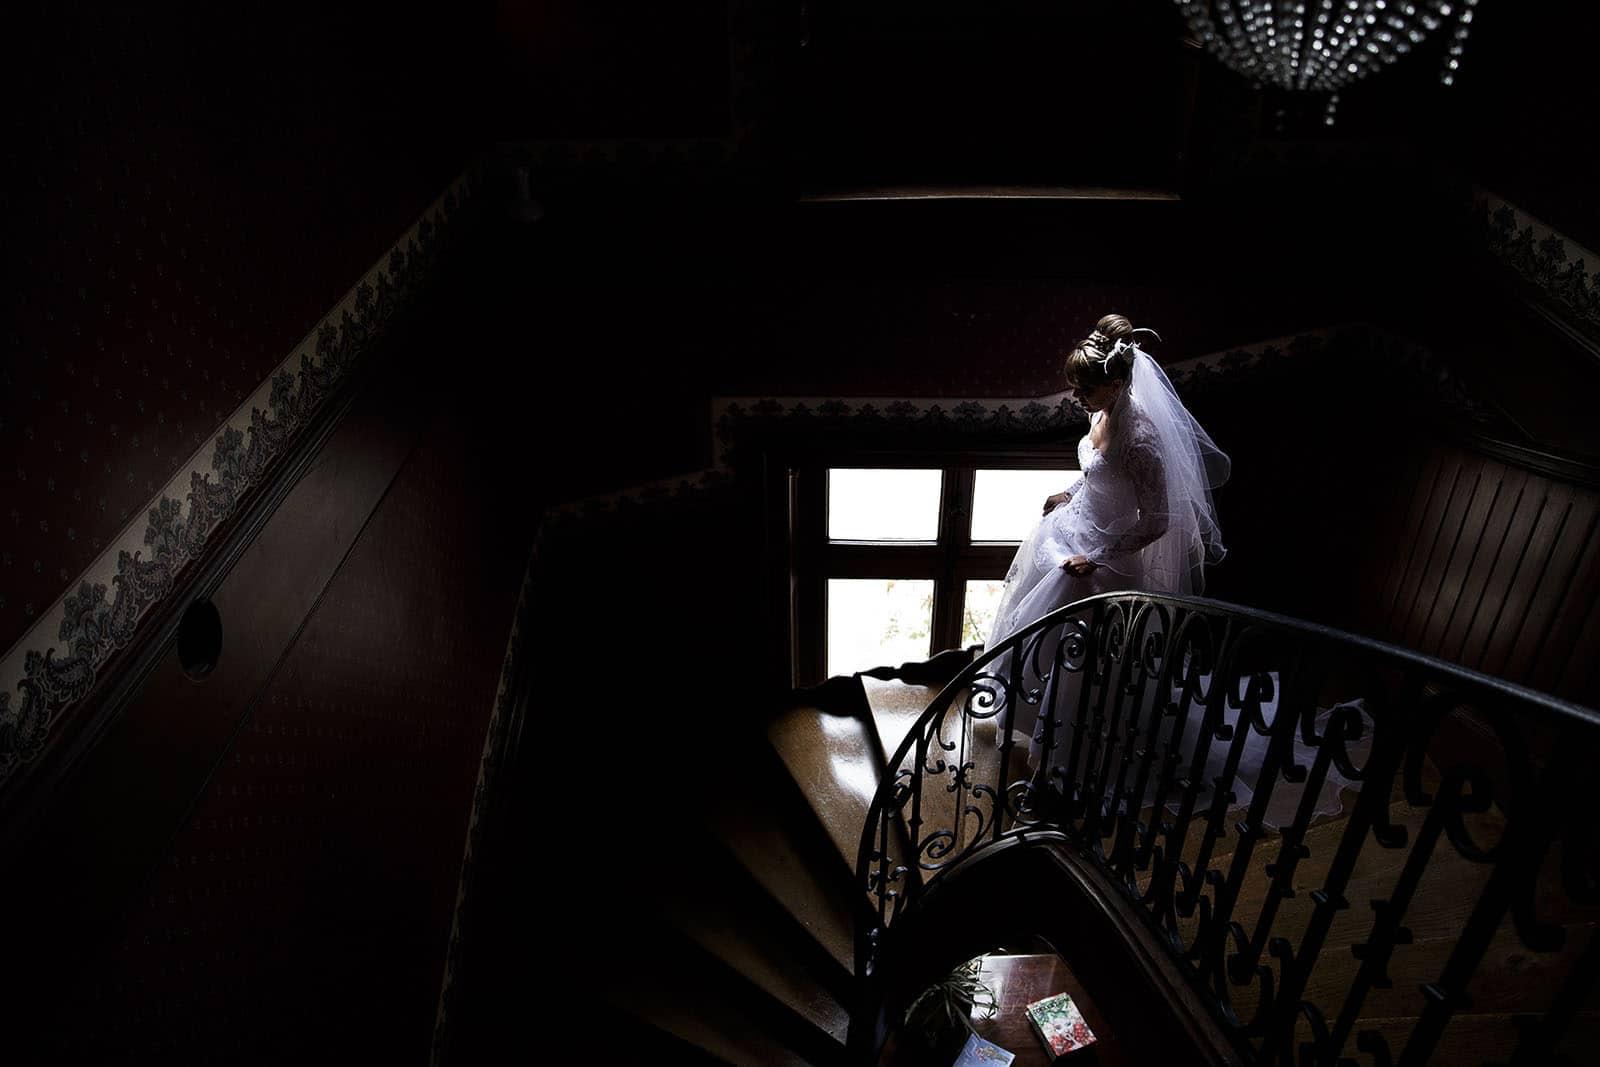 mariage au Clos des Tourelles Photographe de mariage à Chalon sur Saône. La mariée descend les escaliers. Photo réalisée par Castille ALMA photographe de mariage à Chalon sur Saône au clos des Tourelles.